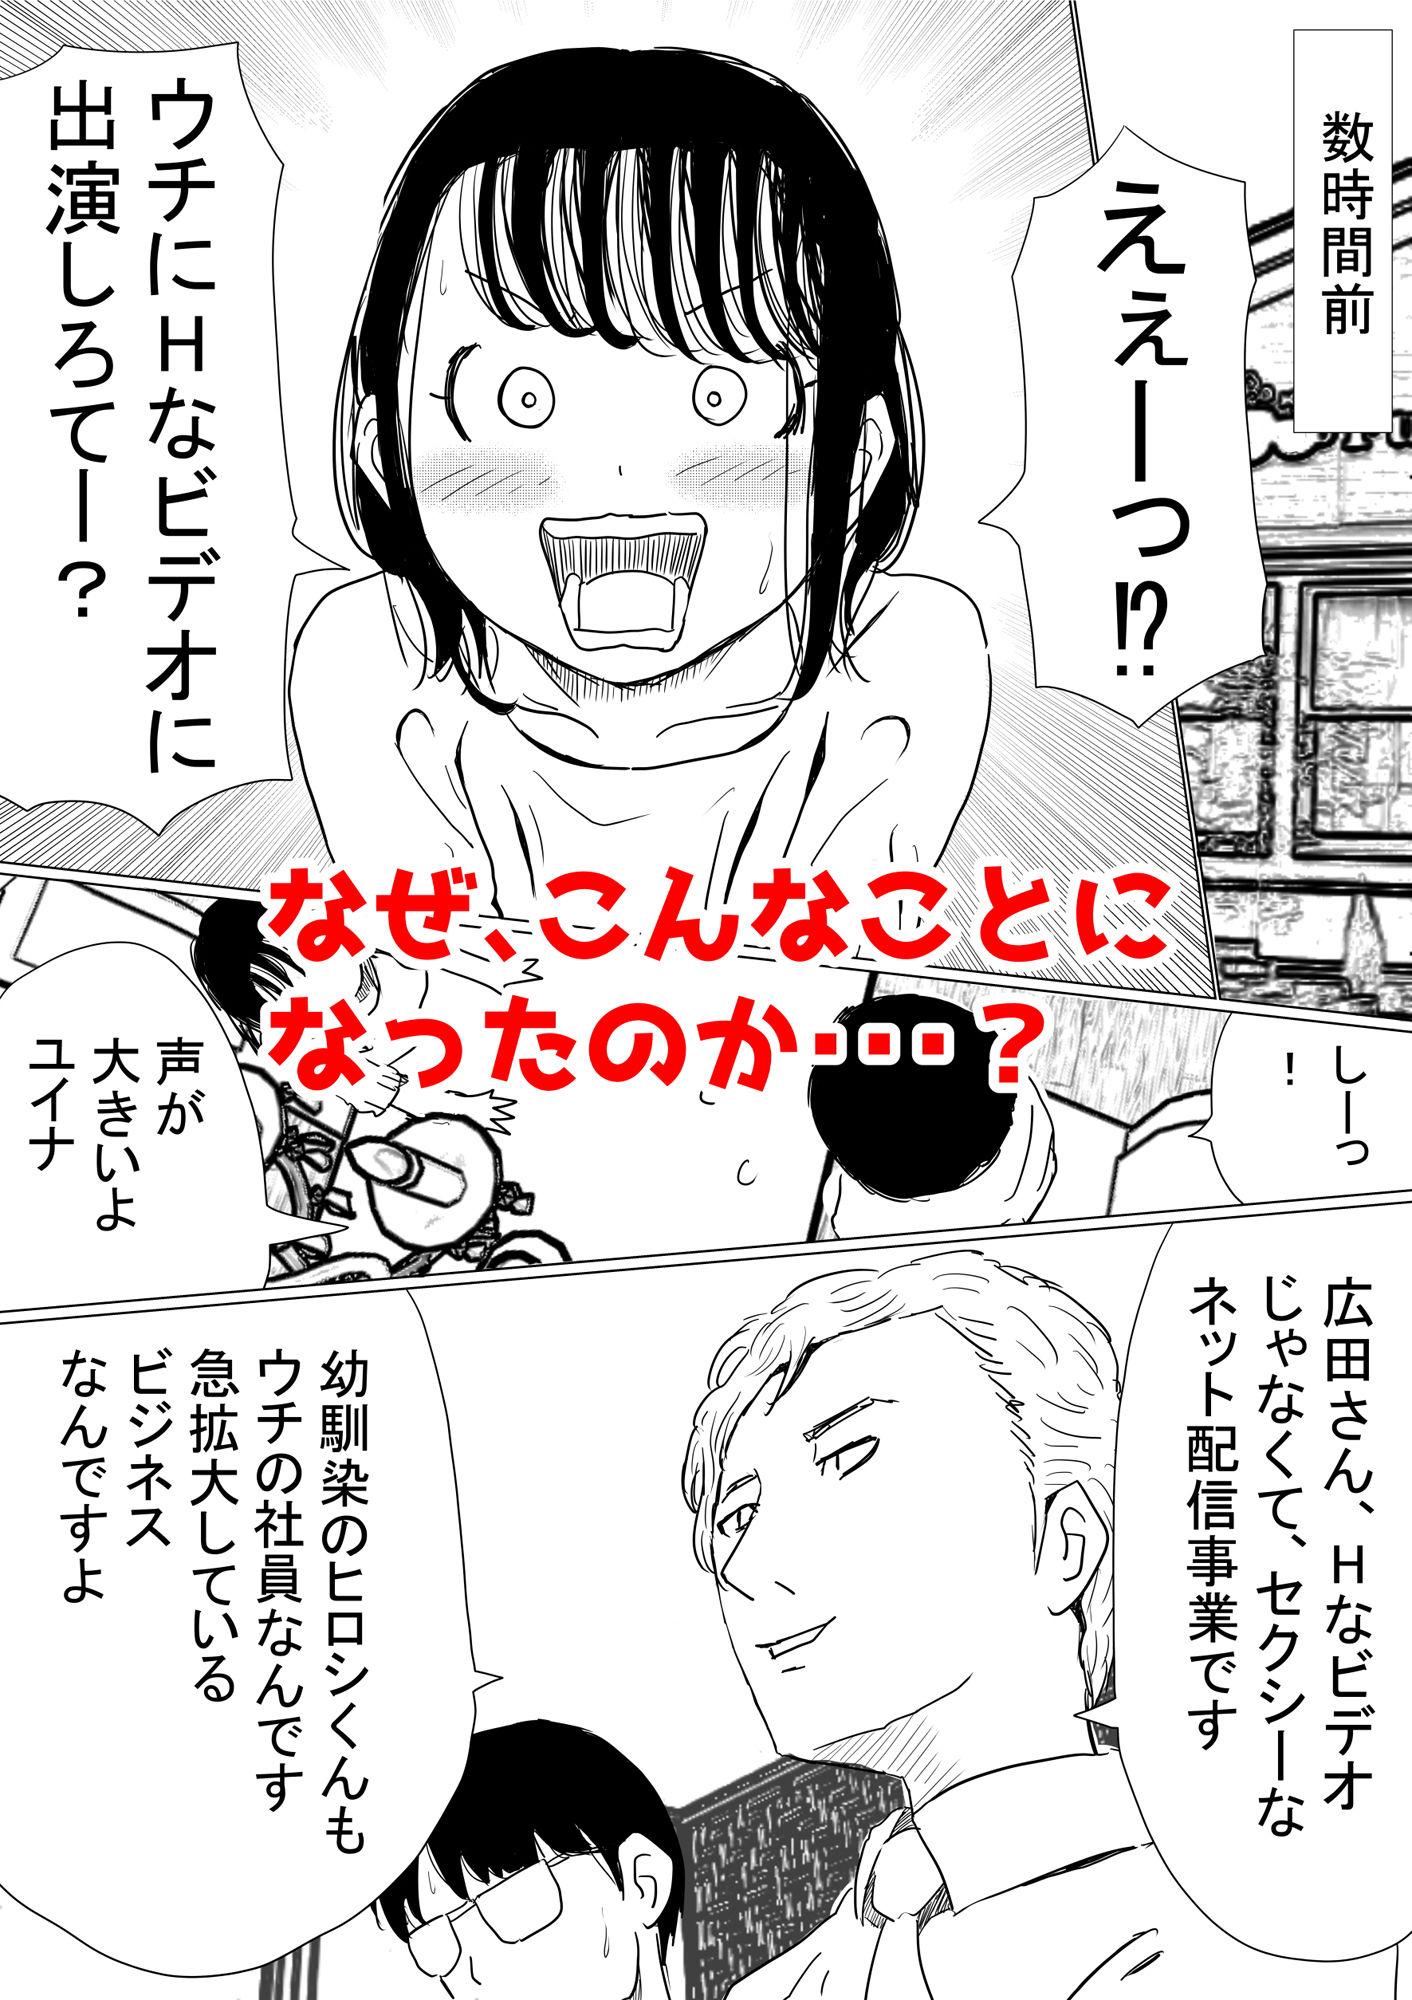 【赤本】【無料】オレの巨乳幼馴染が、アダルト配信することにNTR風味